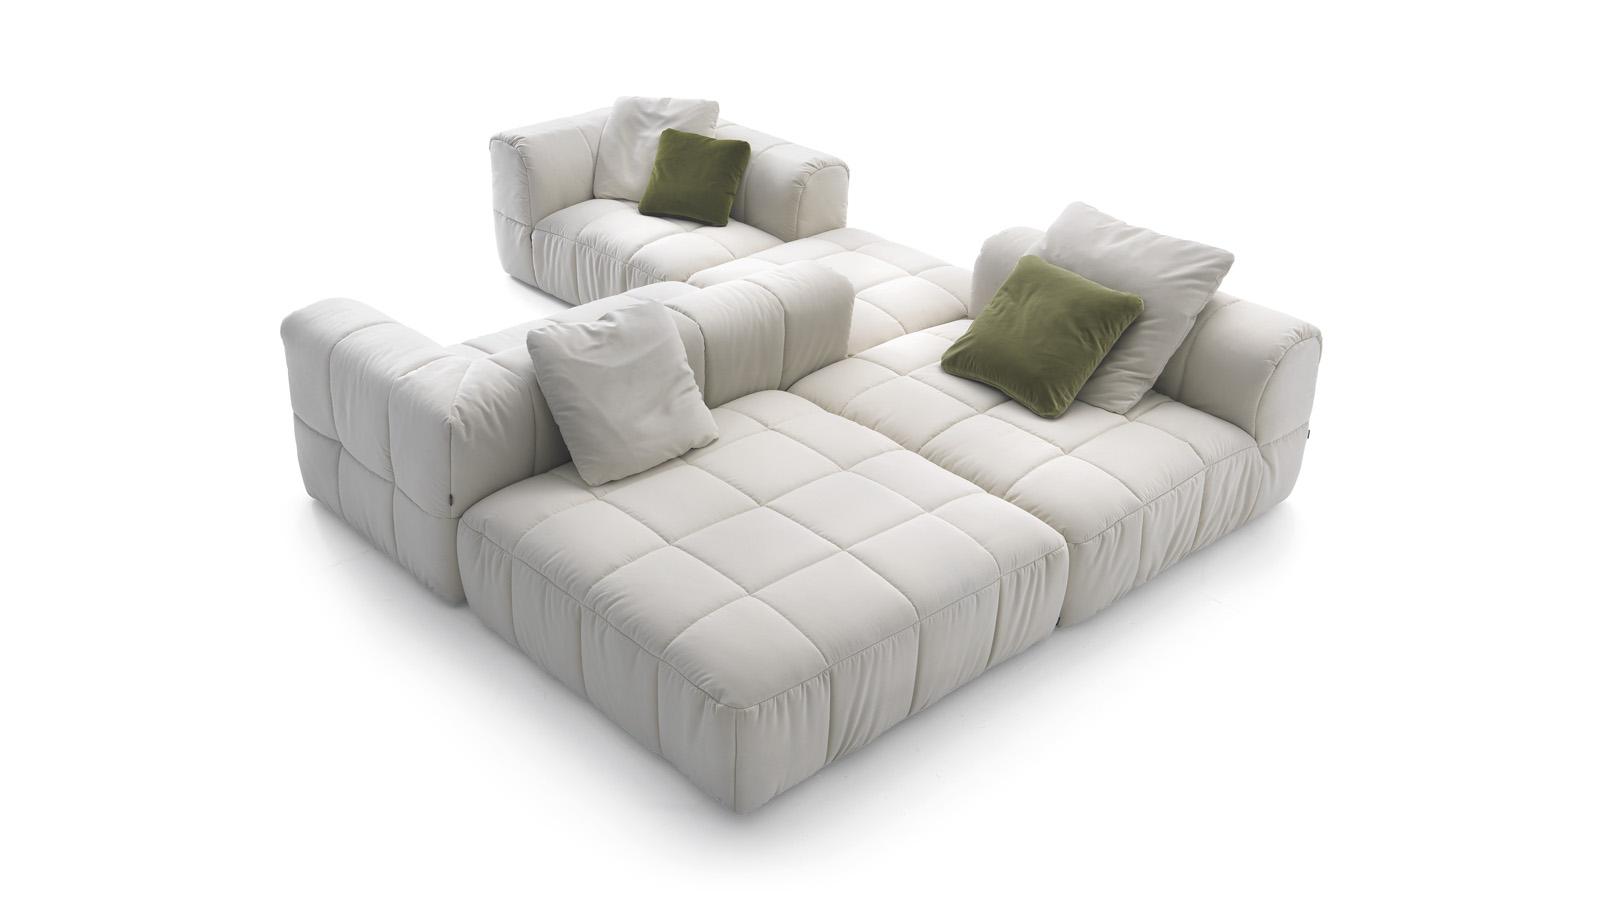 TinnappelMetz-arflex-strips-sofa-06